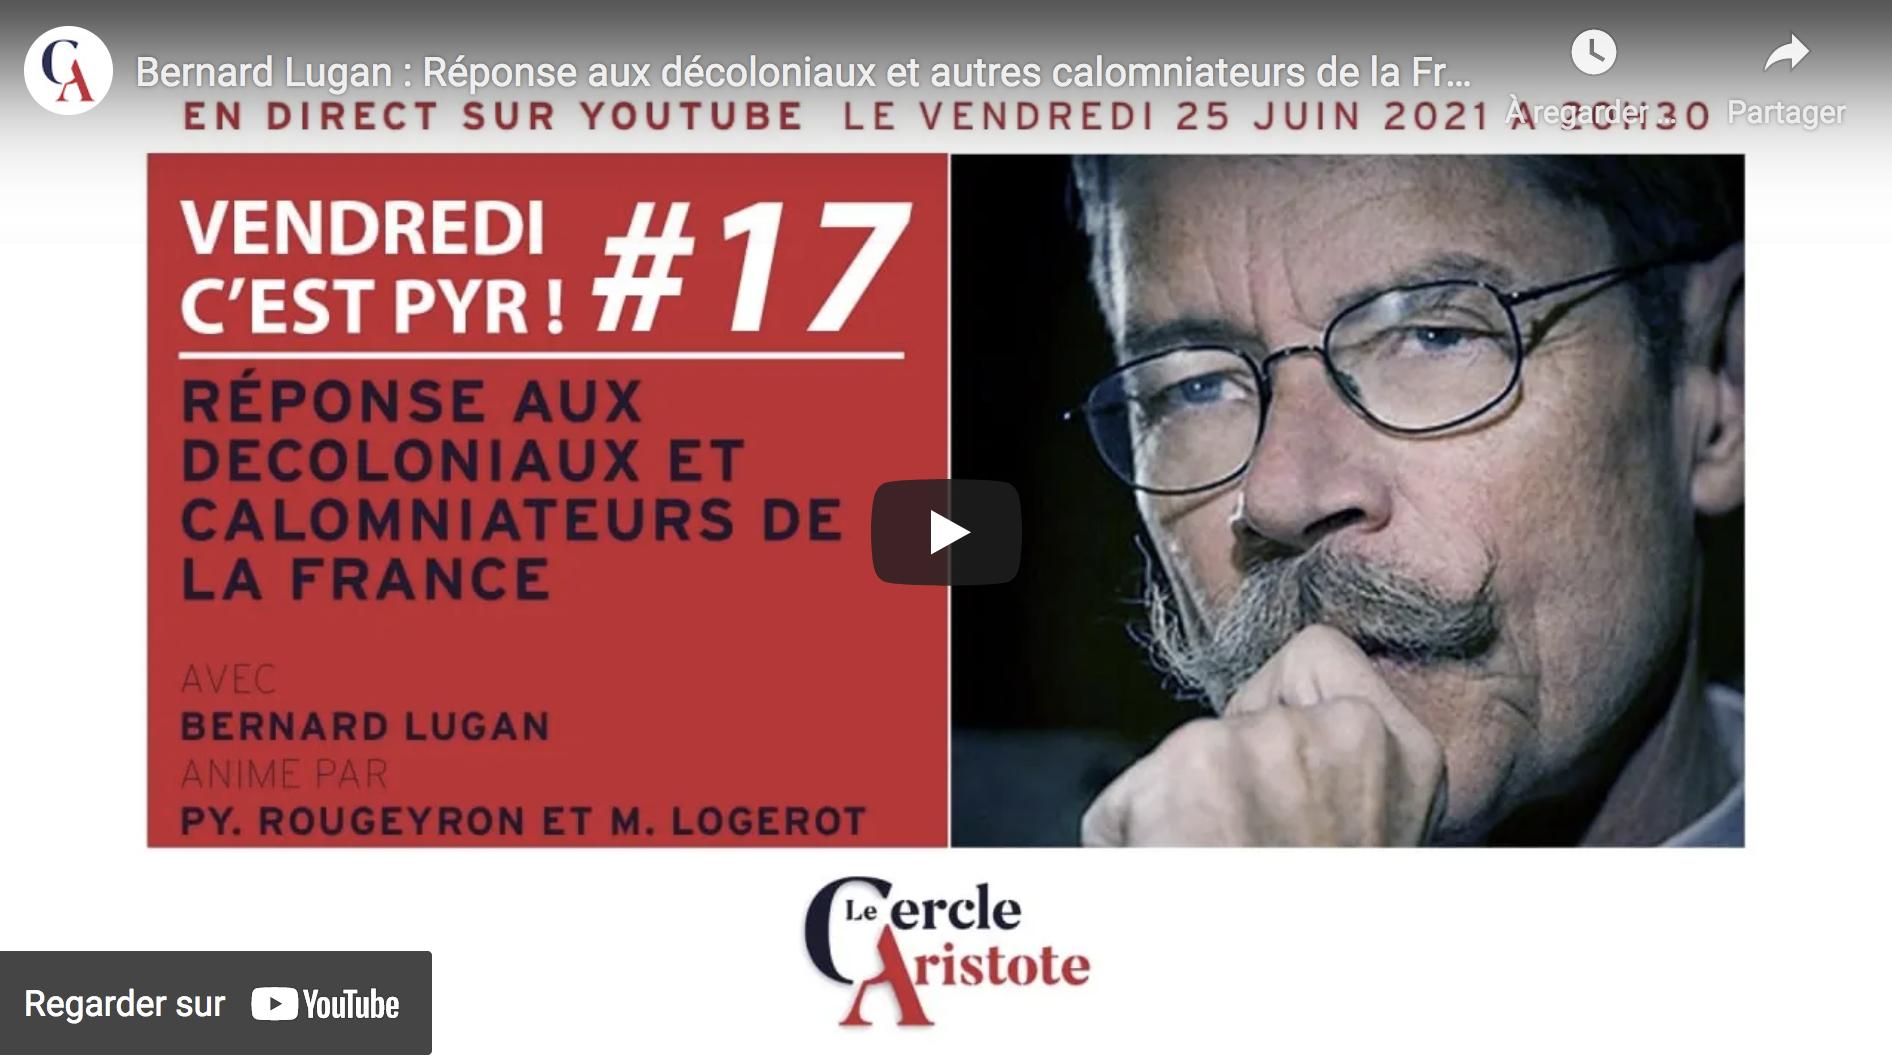 Bernard Lugan : Réponse aux décoloniaux et autres calomniateurs de la France (VIDÉO)